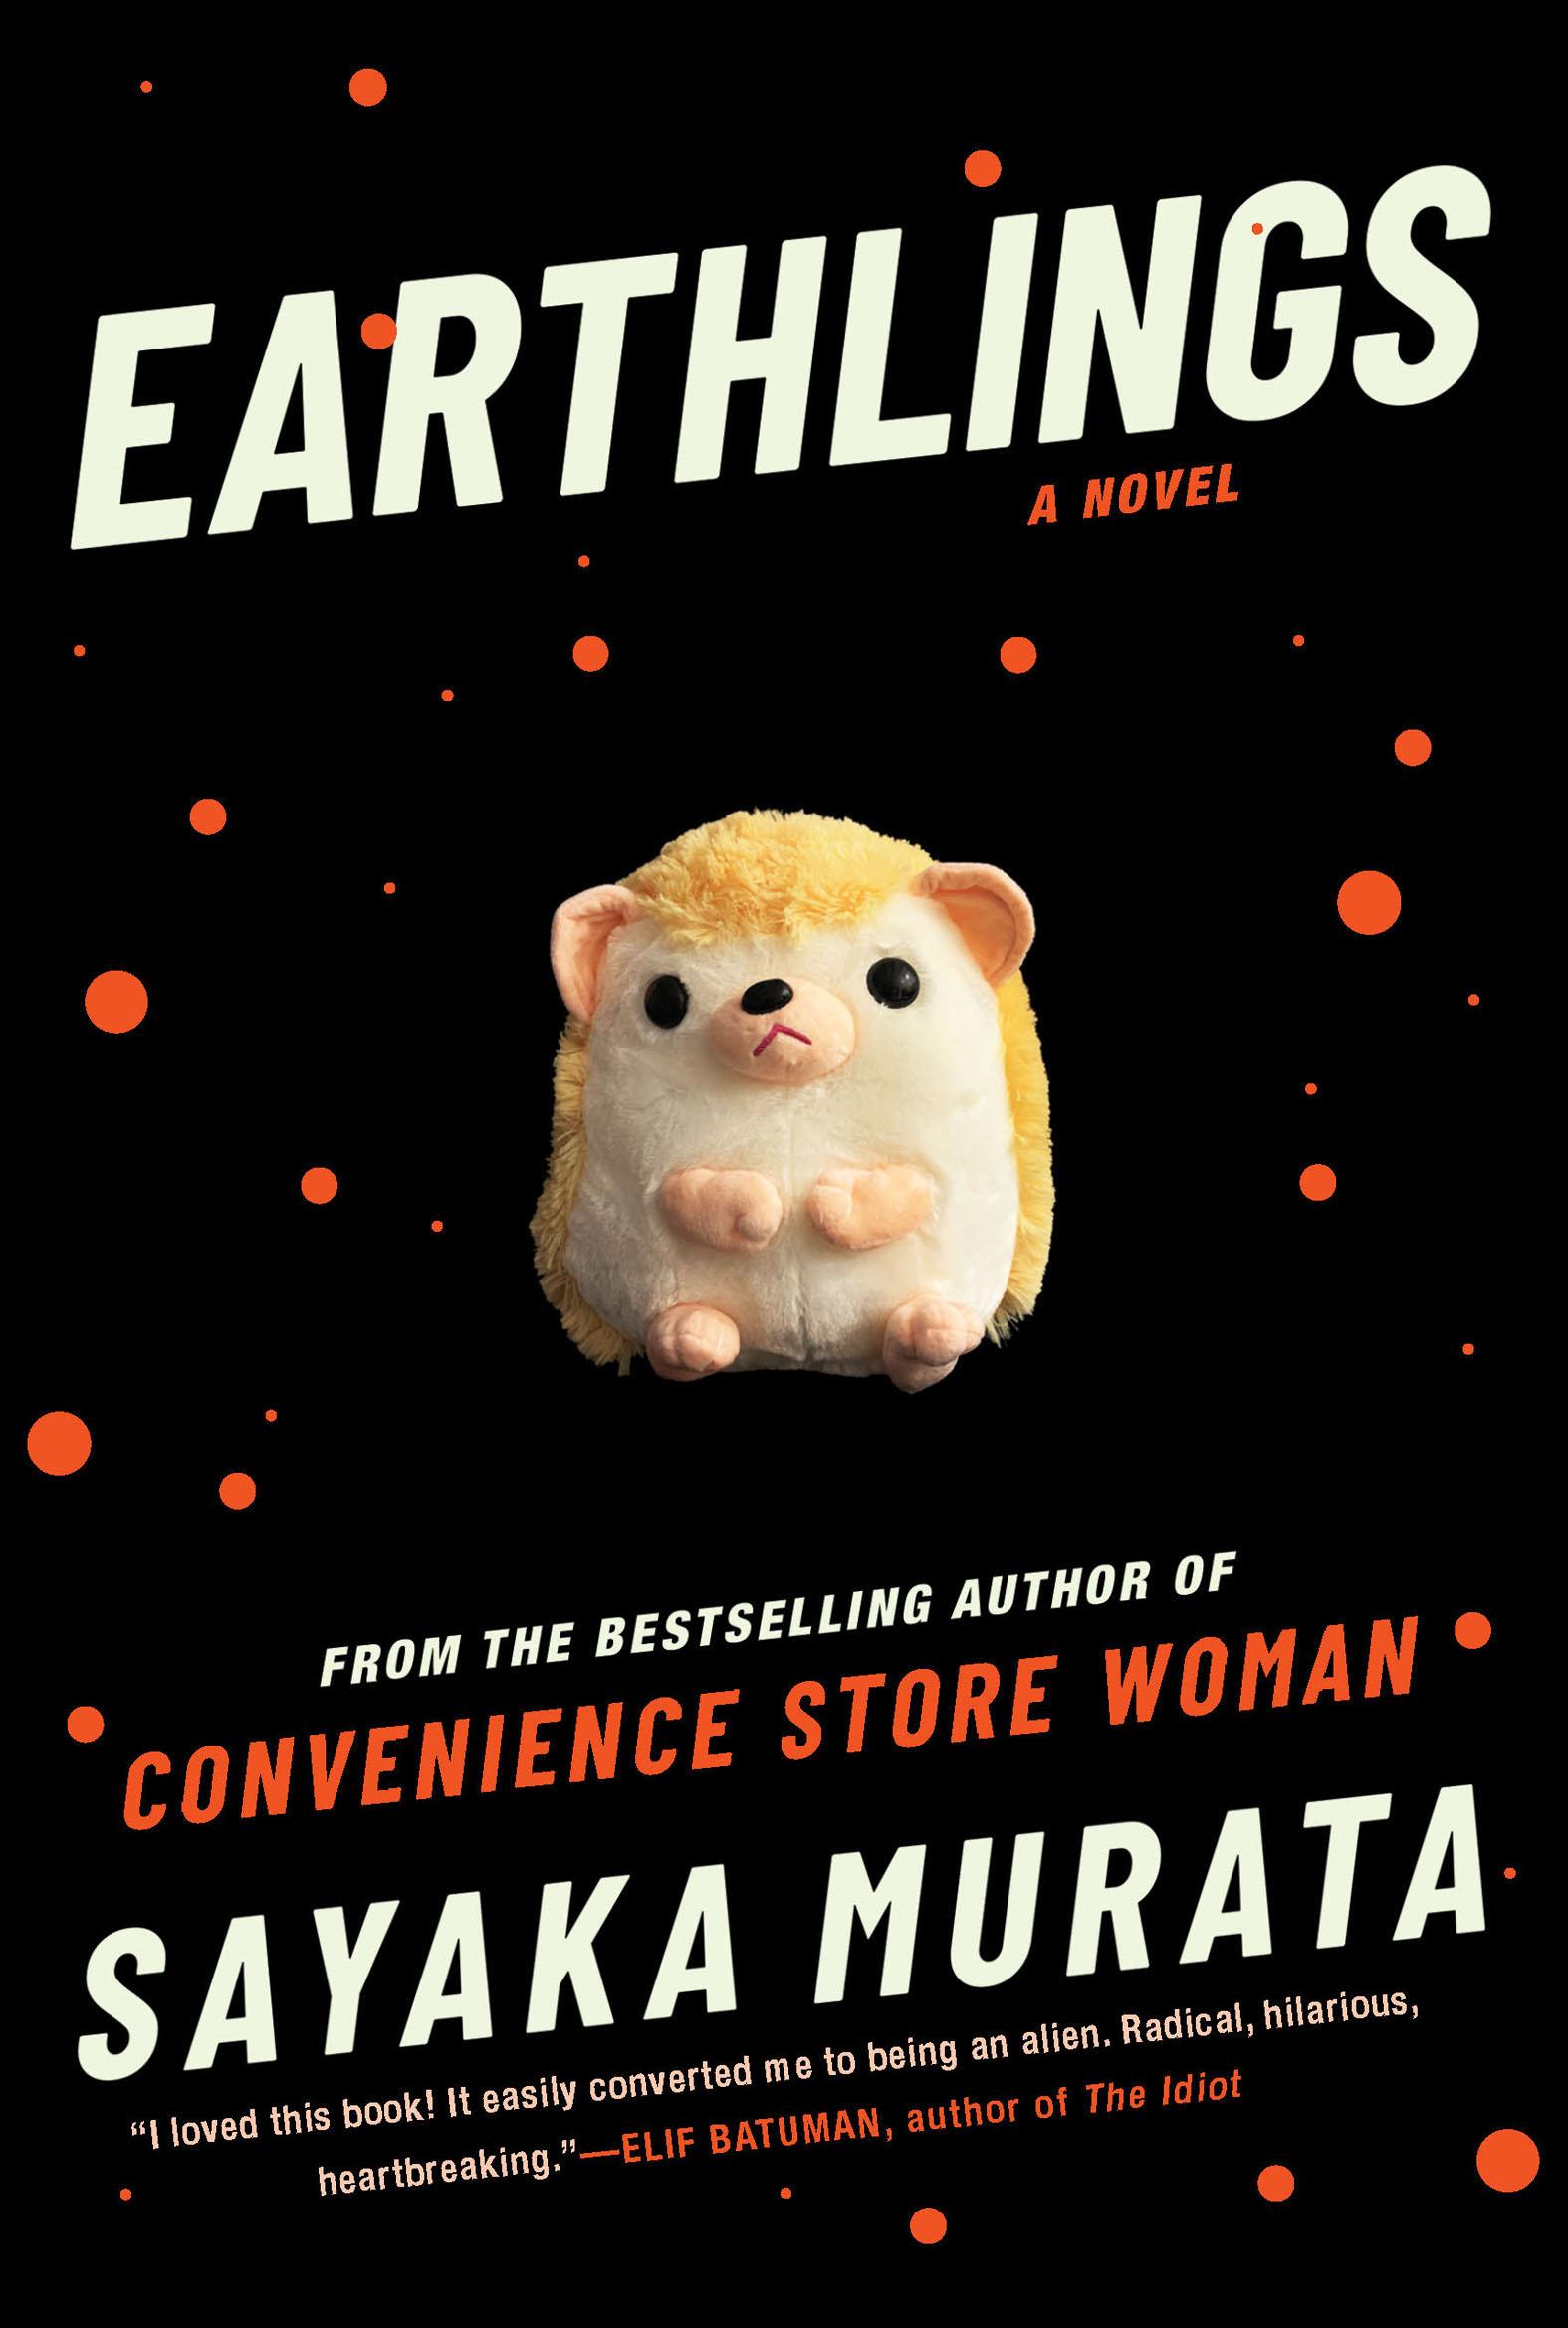 Earthlings A Novel